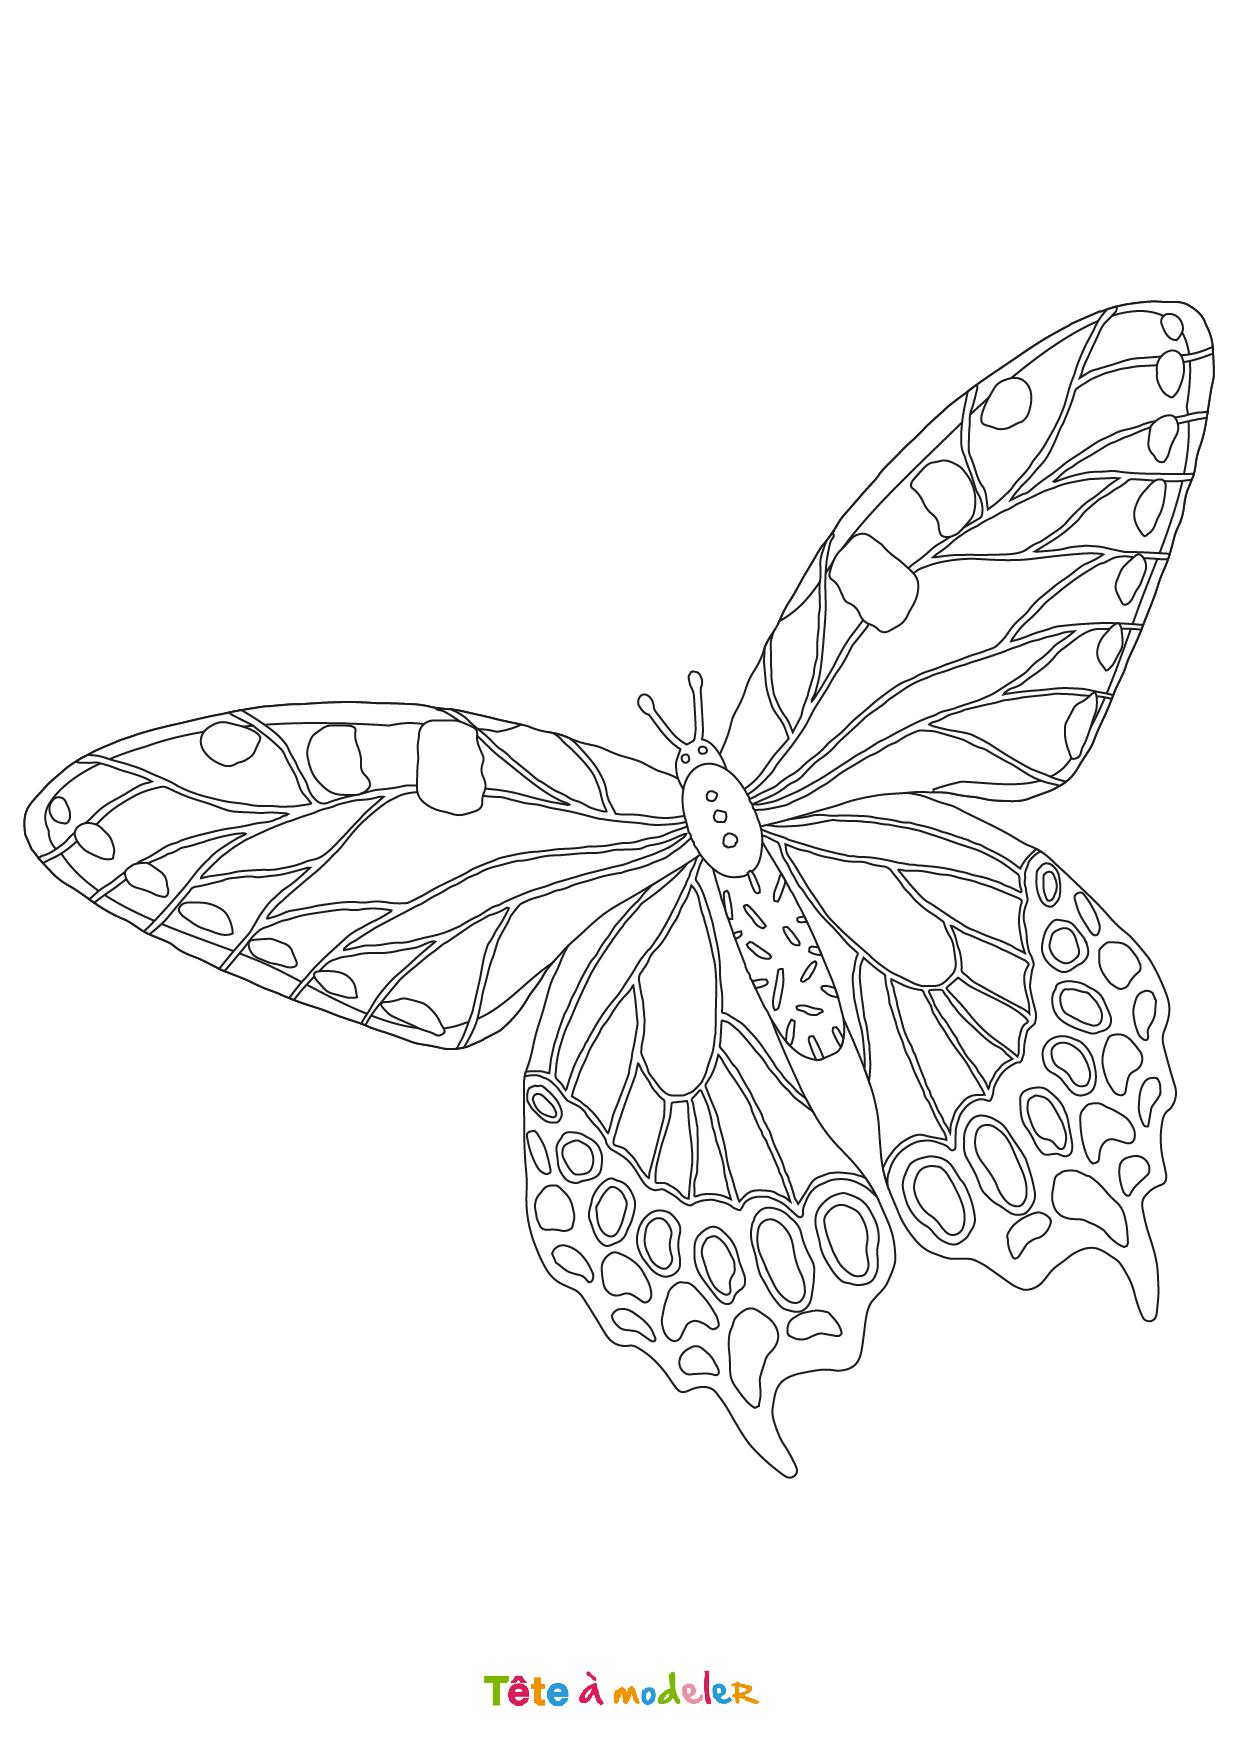 Coloriage Papillon #03 - Un Dessin De Tête À Modeler concernant Dessin Papillon À Colorier